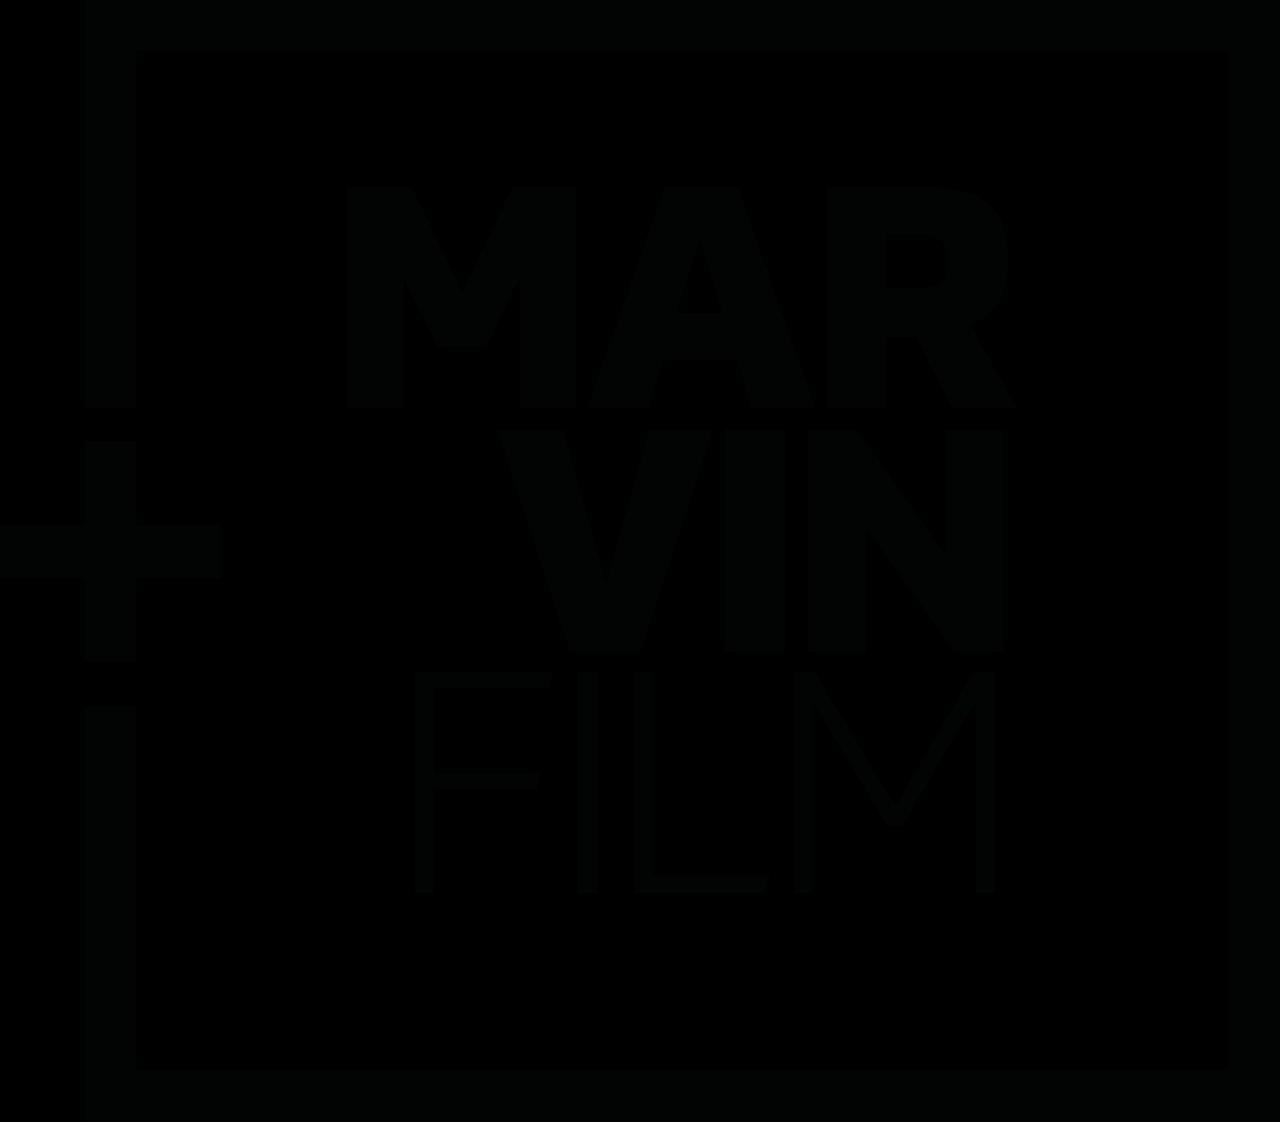 Videoproduktion Marvin Film